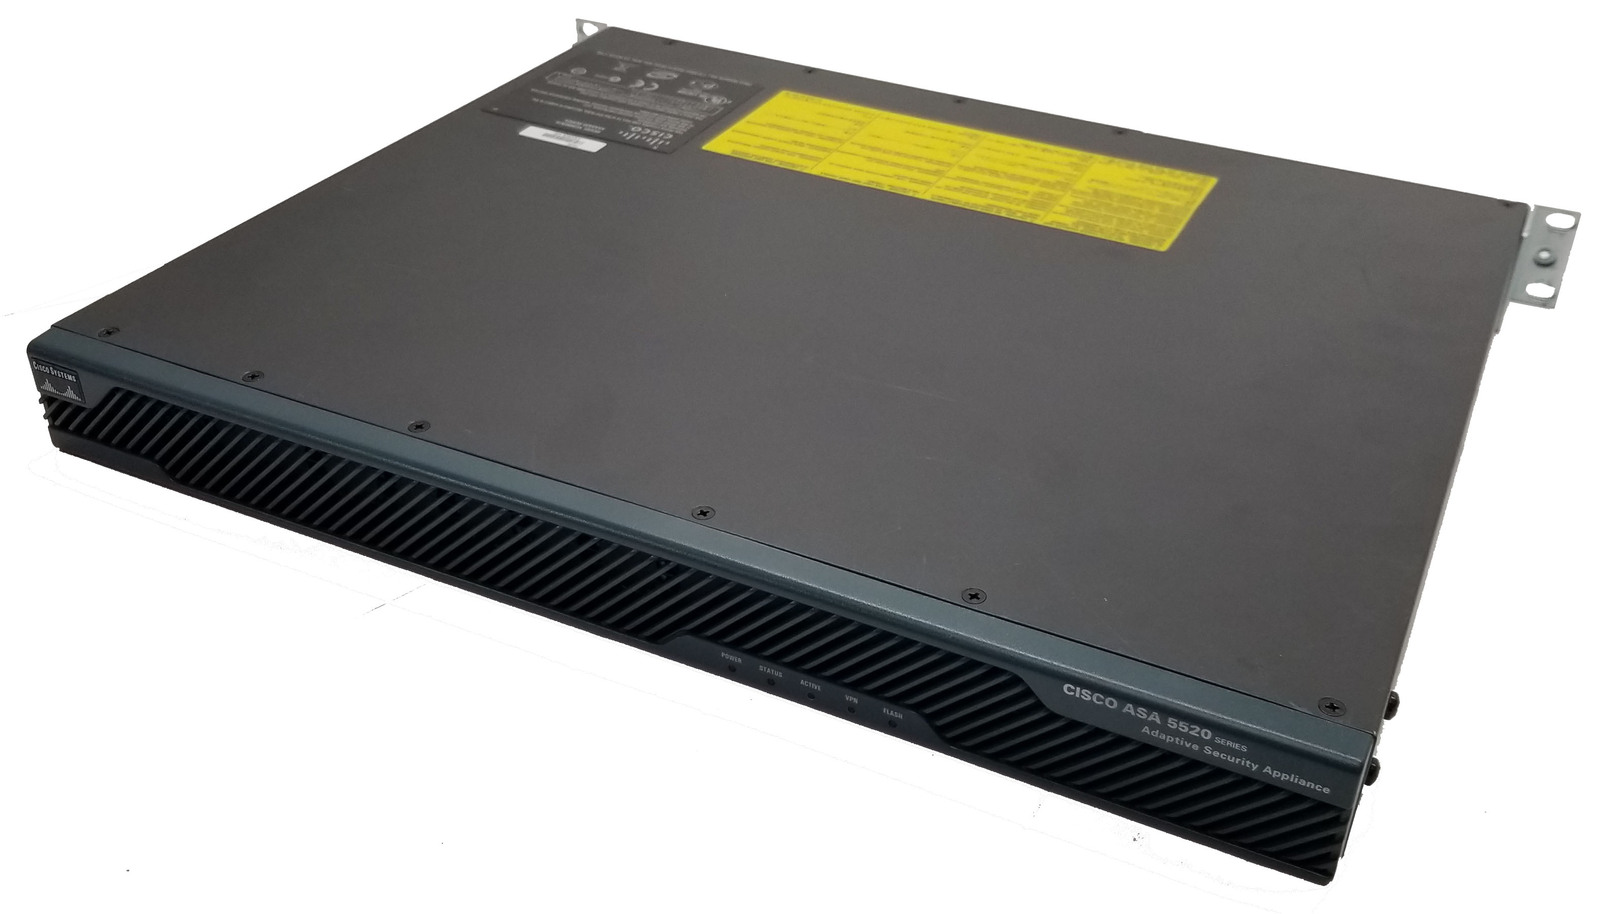 Cisco asa 5520 002